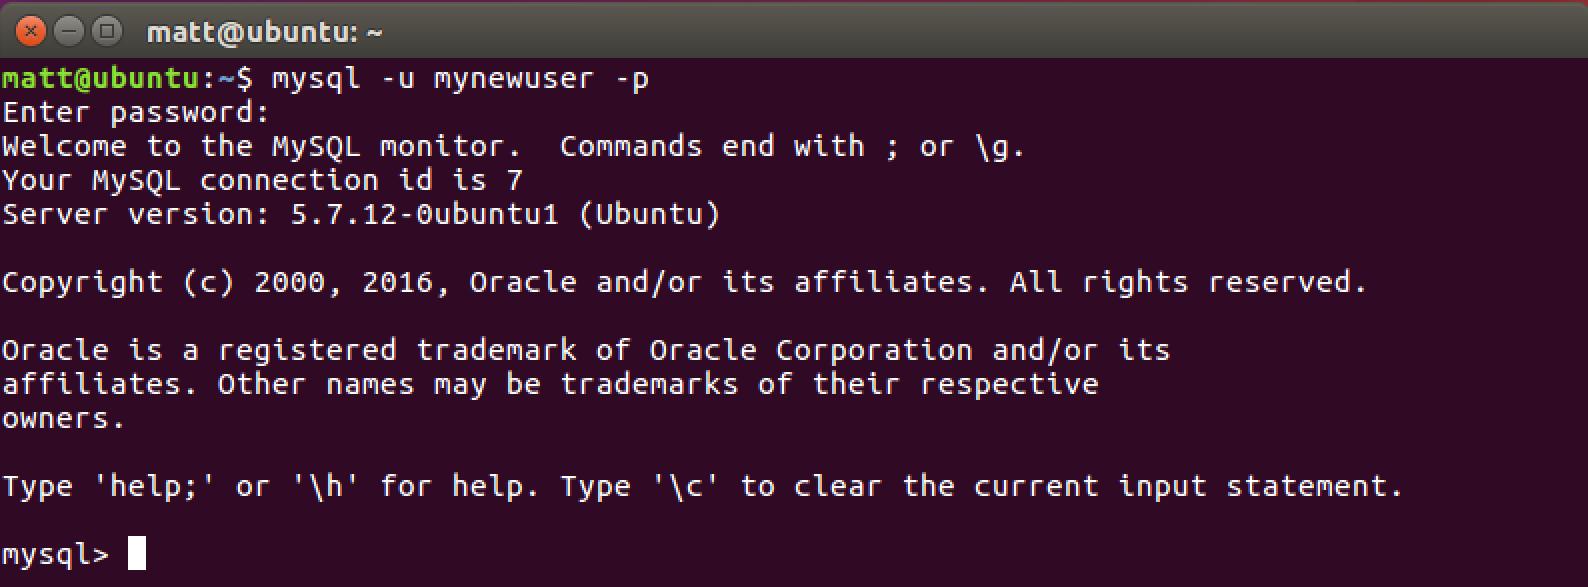 Подключитесь к MySQL как новый пользователь, которого мы только что создали.